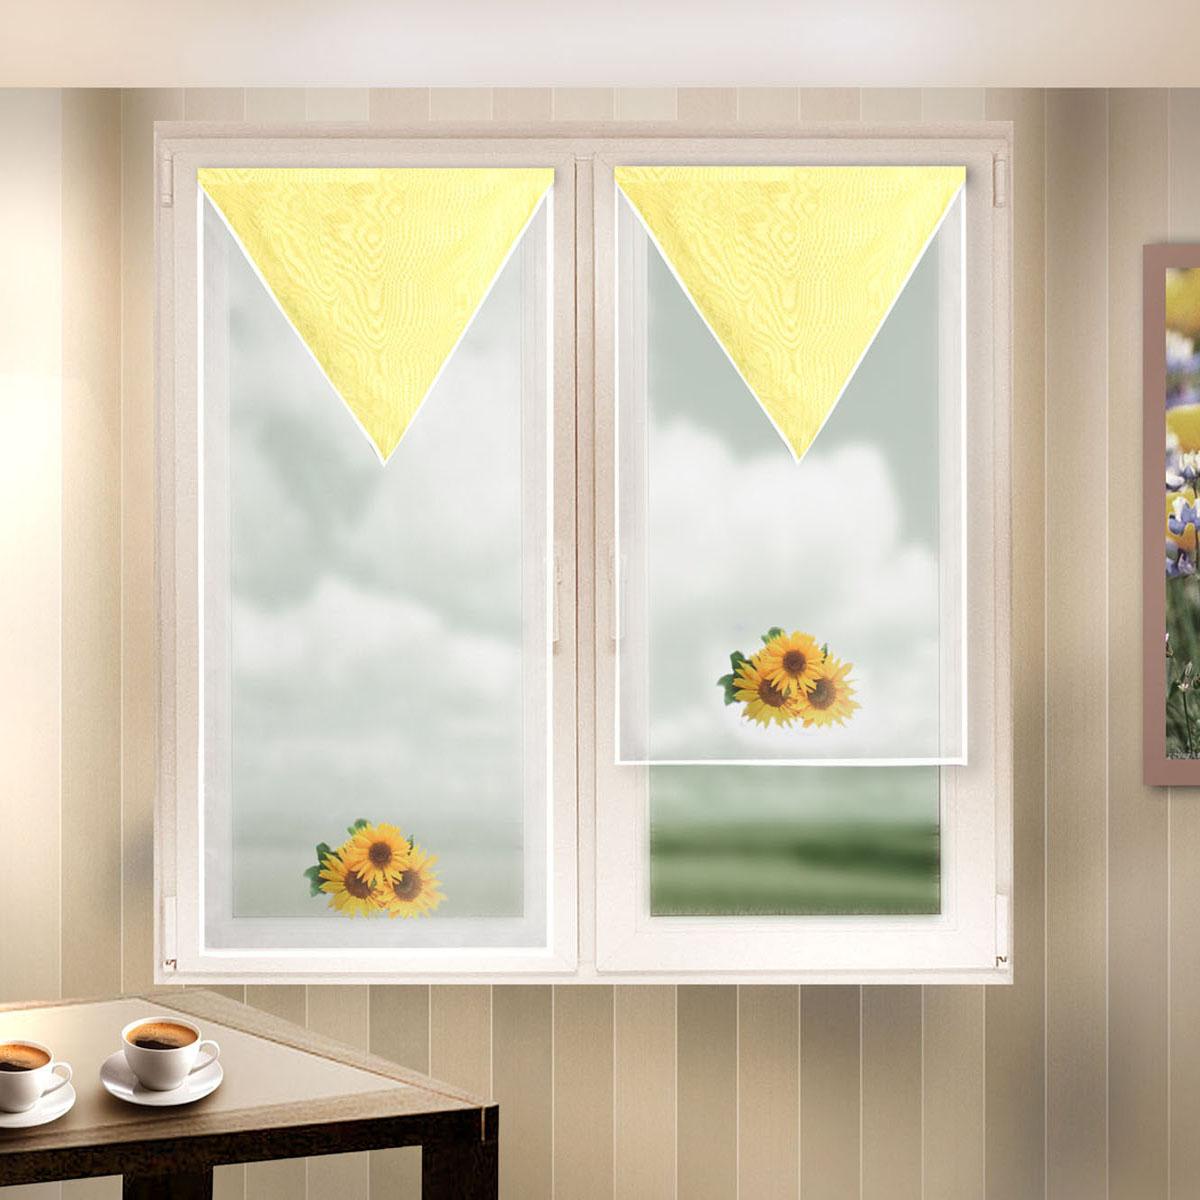 Гардина Zlata Korunka, на липкой ленте, цвет: белый, высота 120 см и 140 см, 2 шт. 666059666059Гардина на липкой ленте Zlata Korunka, изготовленная из легкого полиэстера, станет великолепным украшением любого окна. Полотно из белой вуали с печатным рисунком привлечет к себе внимание и органично впишется в интерьер комнаты. Крепление на липкой ленте, не требующее сверления стен и карниза. Многоразовое и мгновенное крепление.